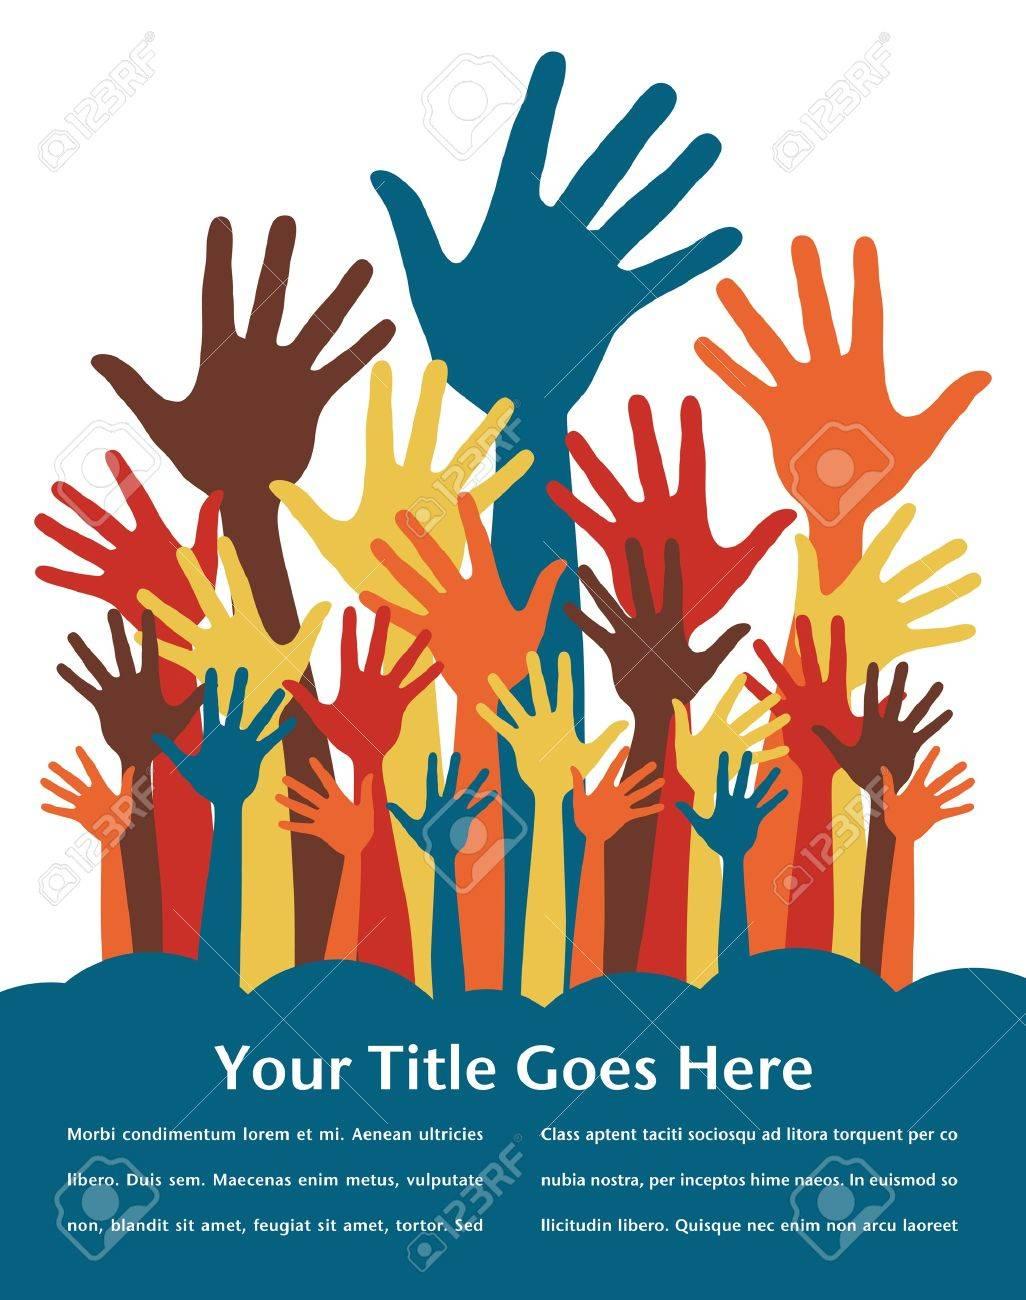 Poster design volunteer - Volunteering Joyful Hands Design With Copy Space Illustration